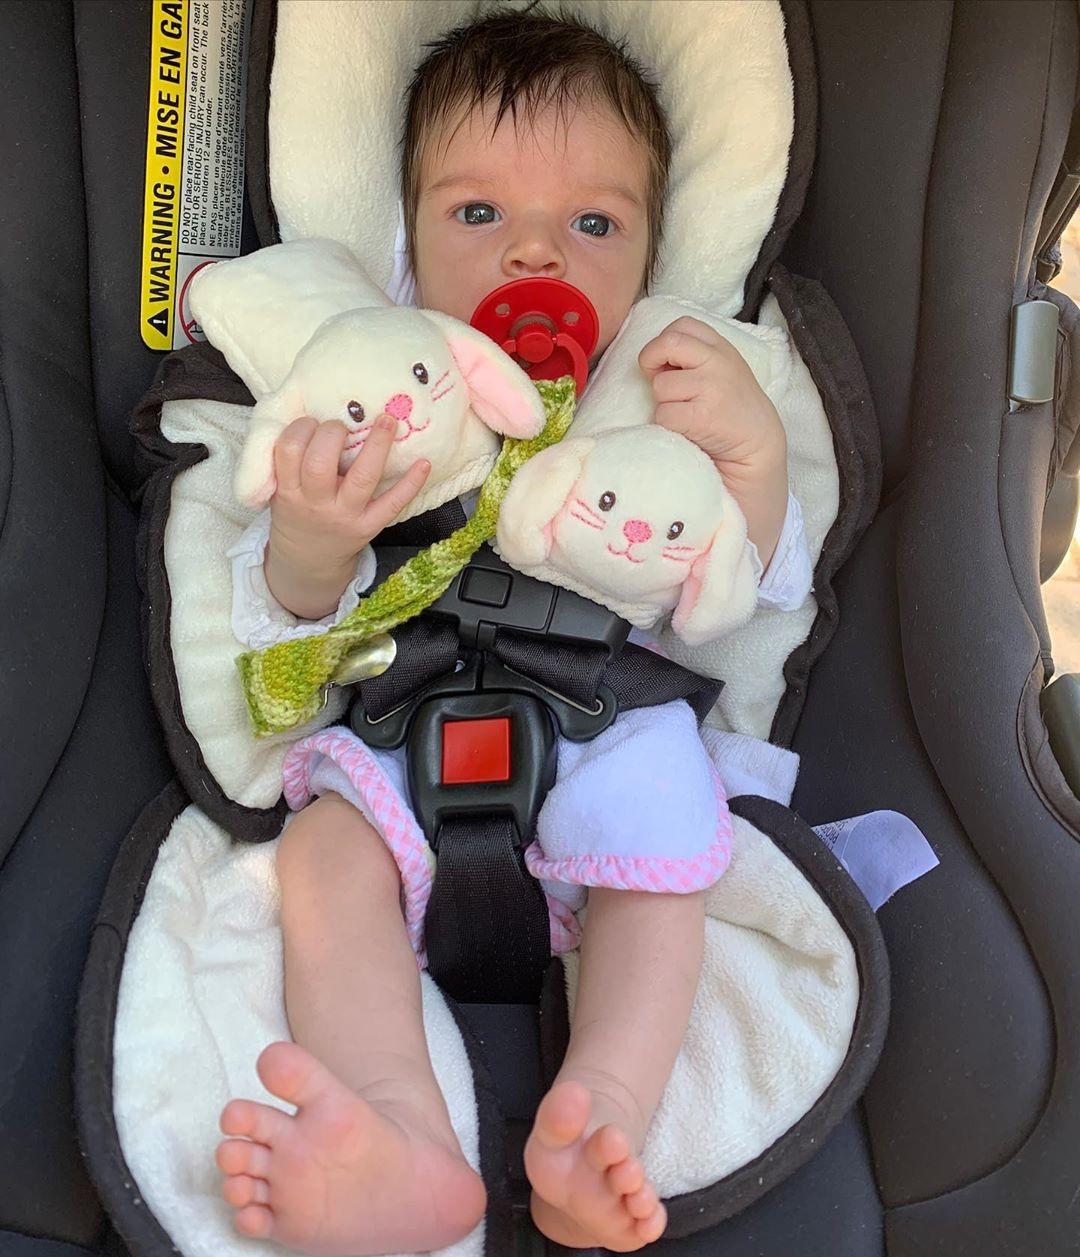 Laura Neiva mostra rostinho da filha para comemorar primeiro mês - Imagem 1